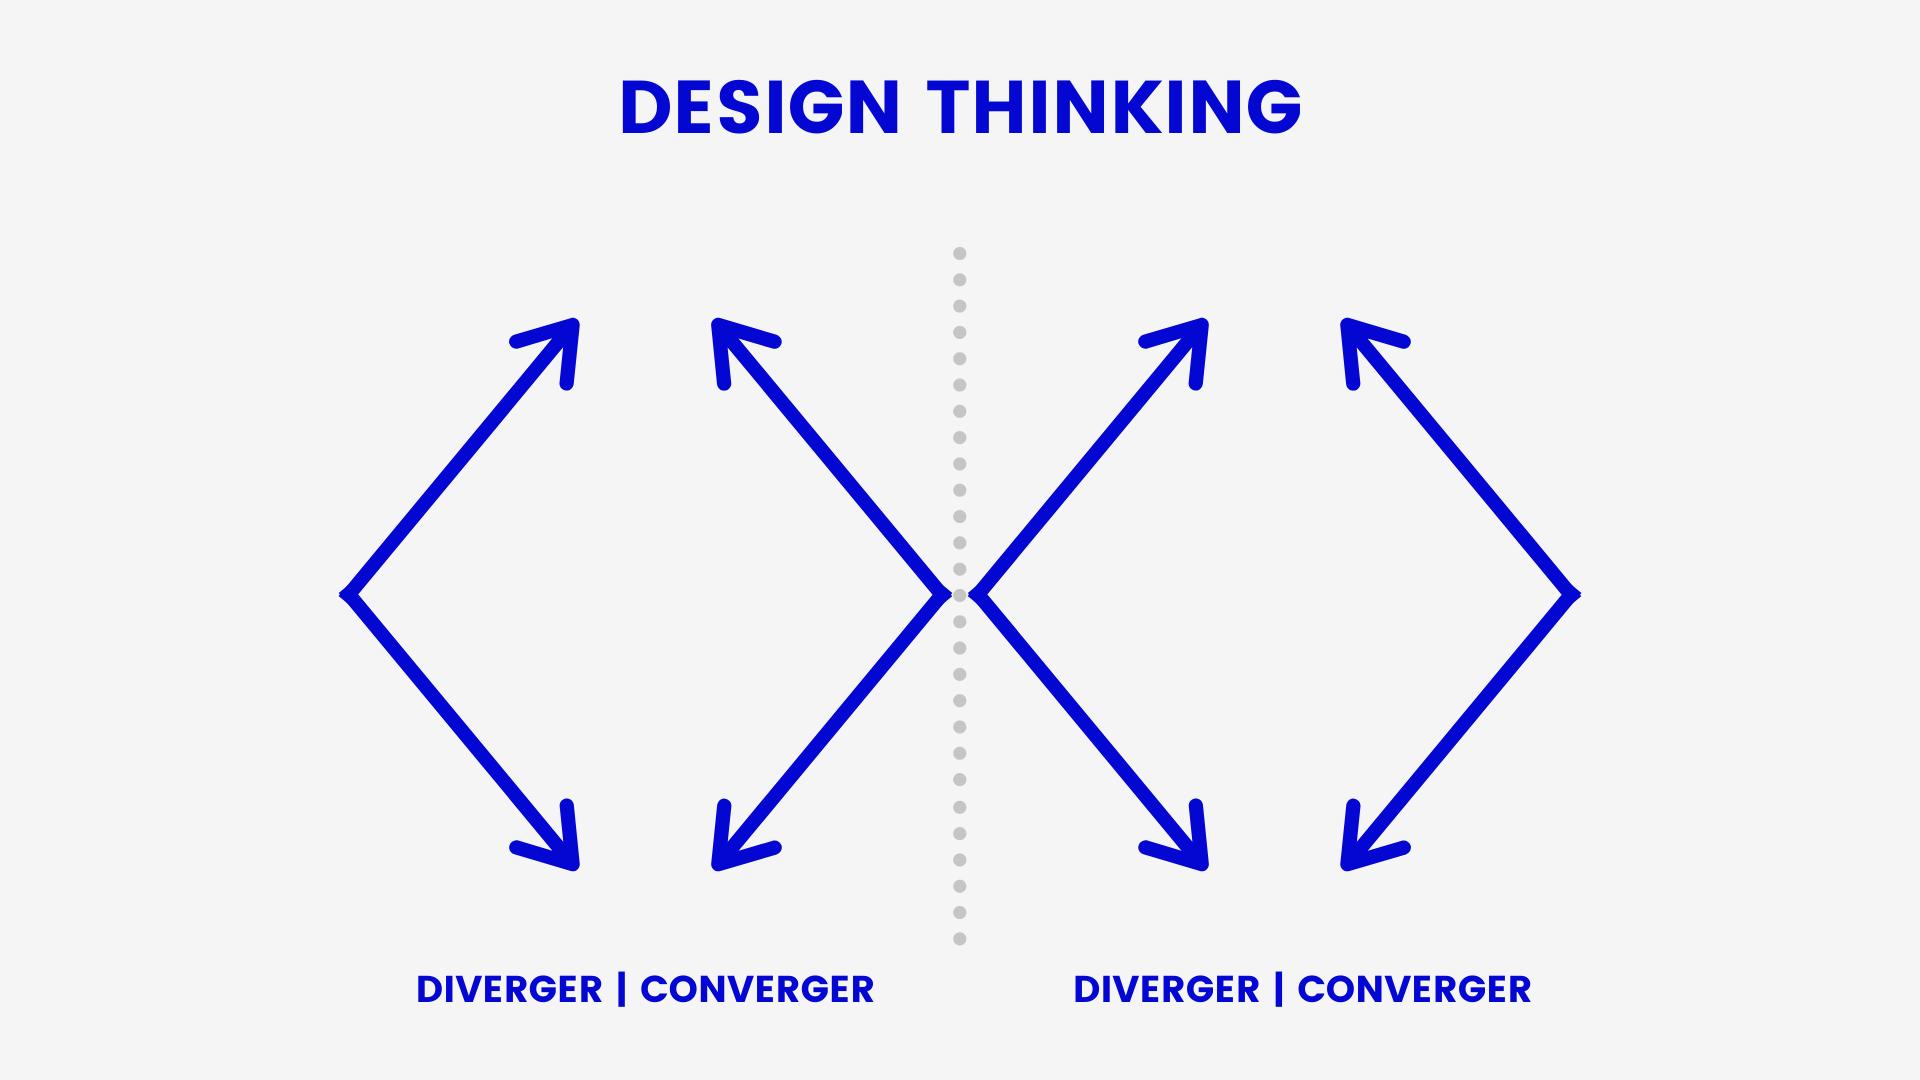 Schéma de Libéo synthétisant l'esprit du Design Thinking